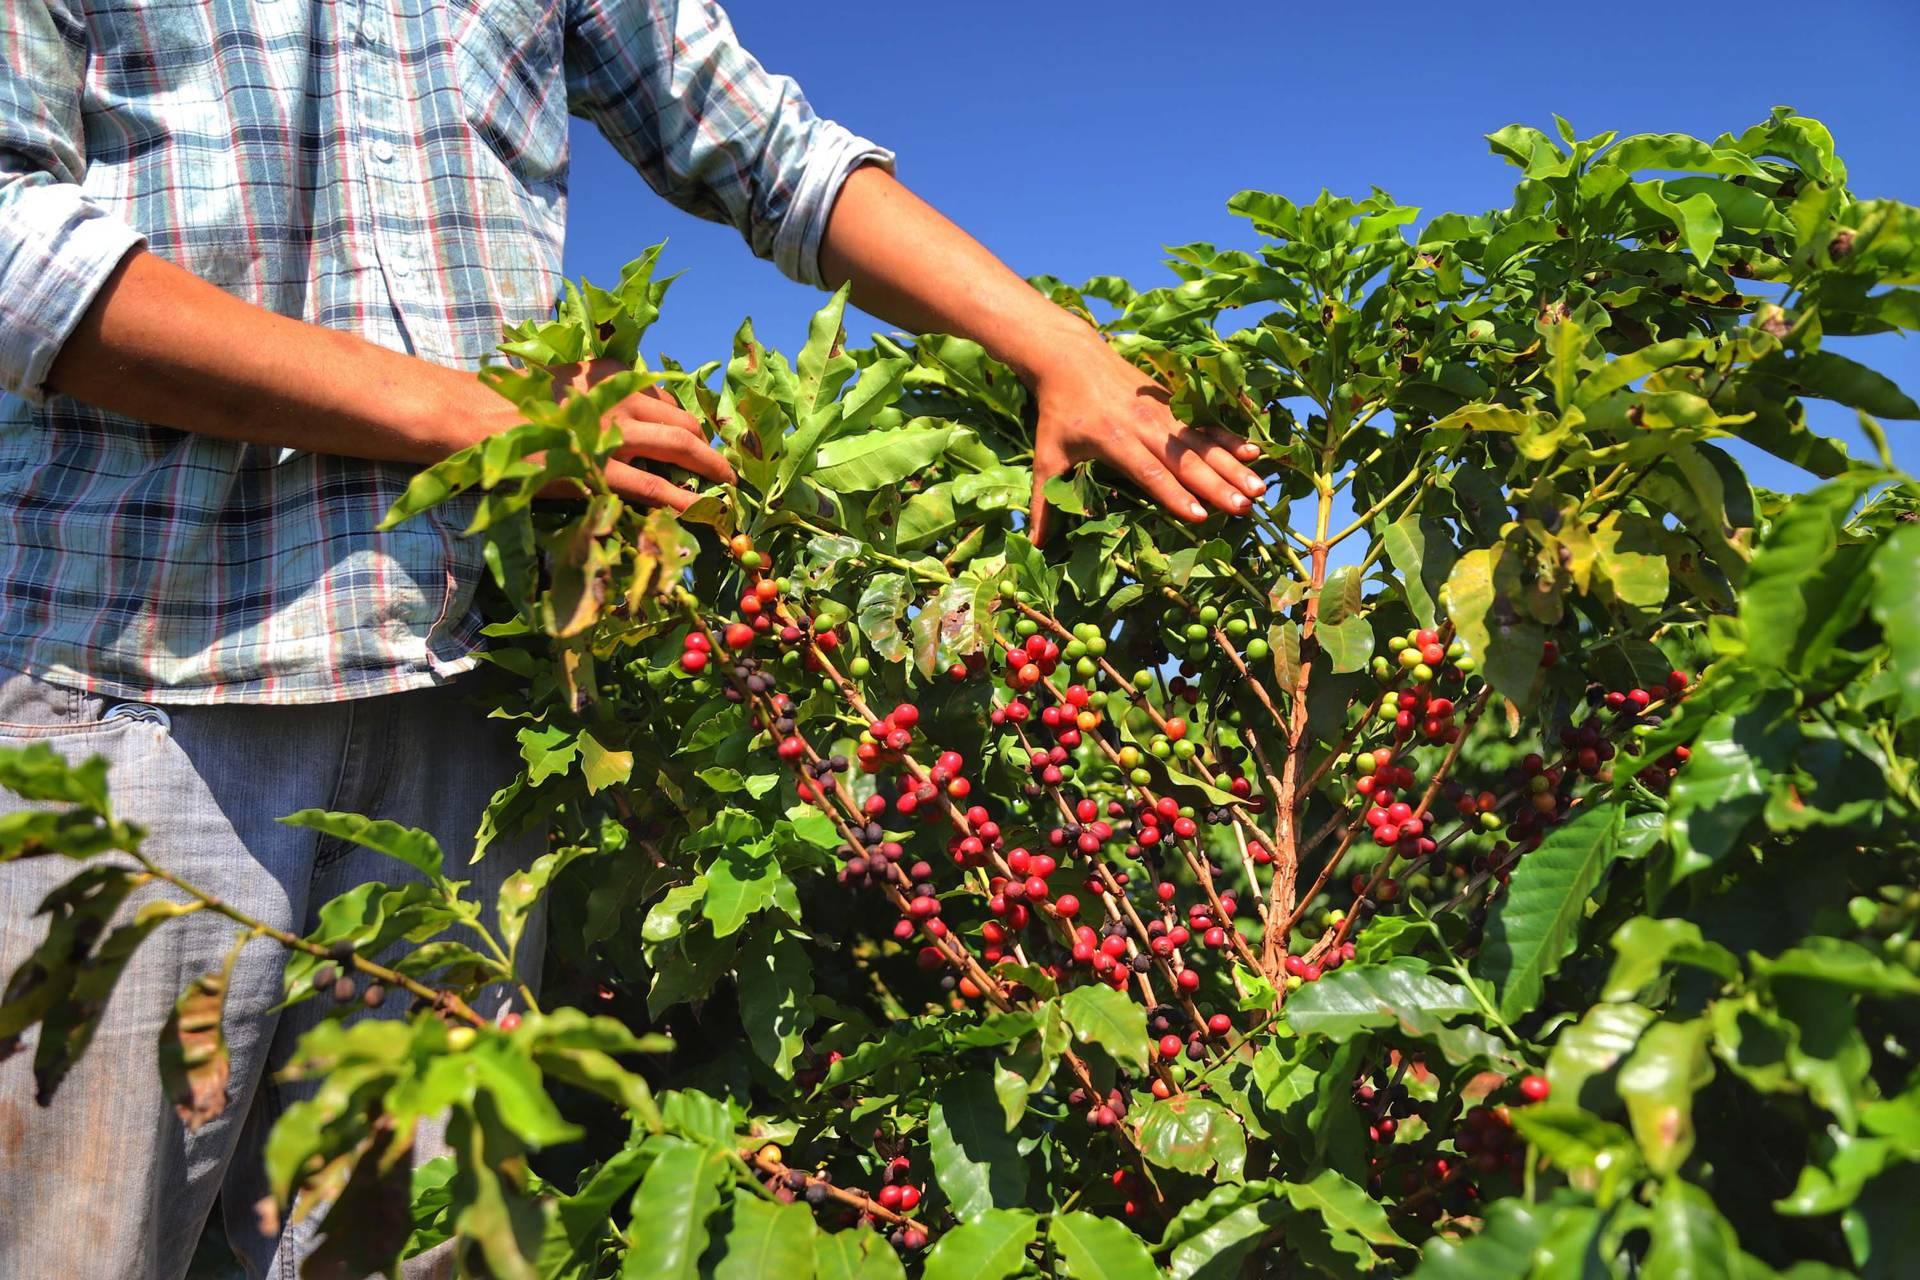 Boletim agropecuário aponta retração de 9% na produção de café paranaense